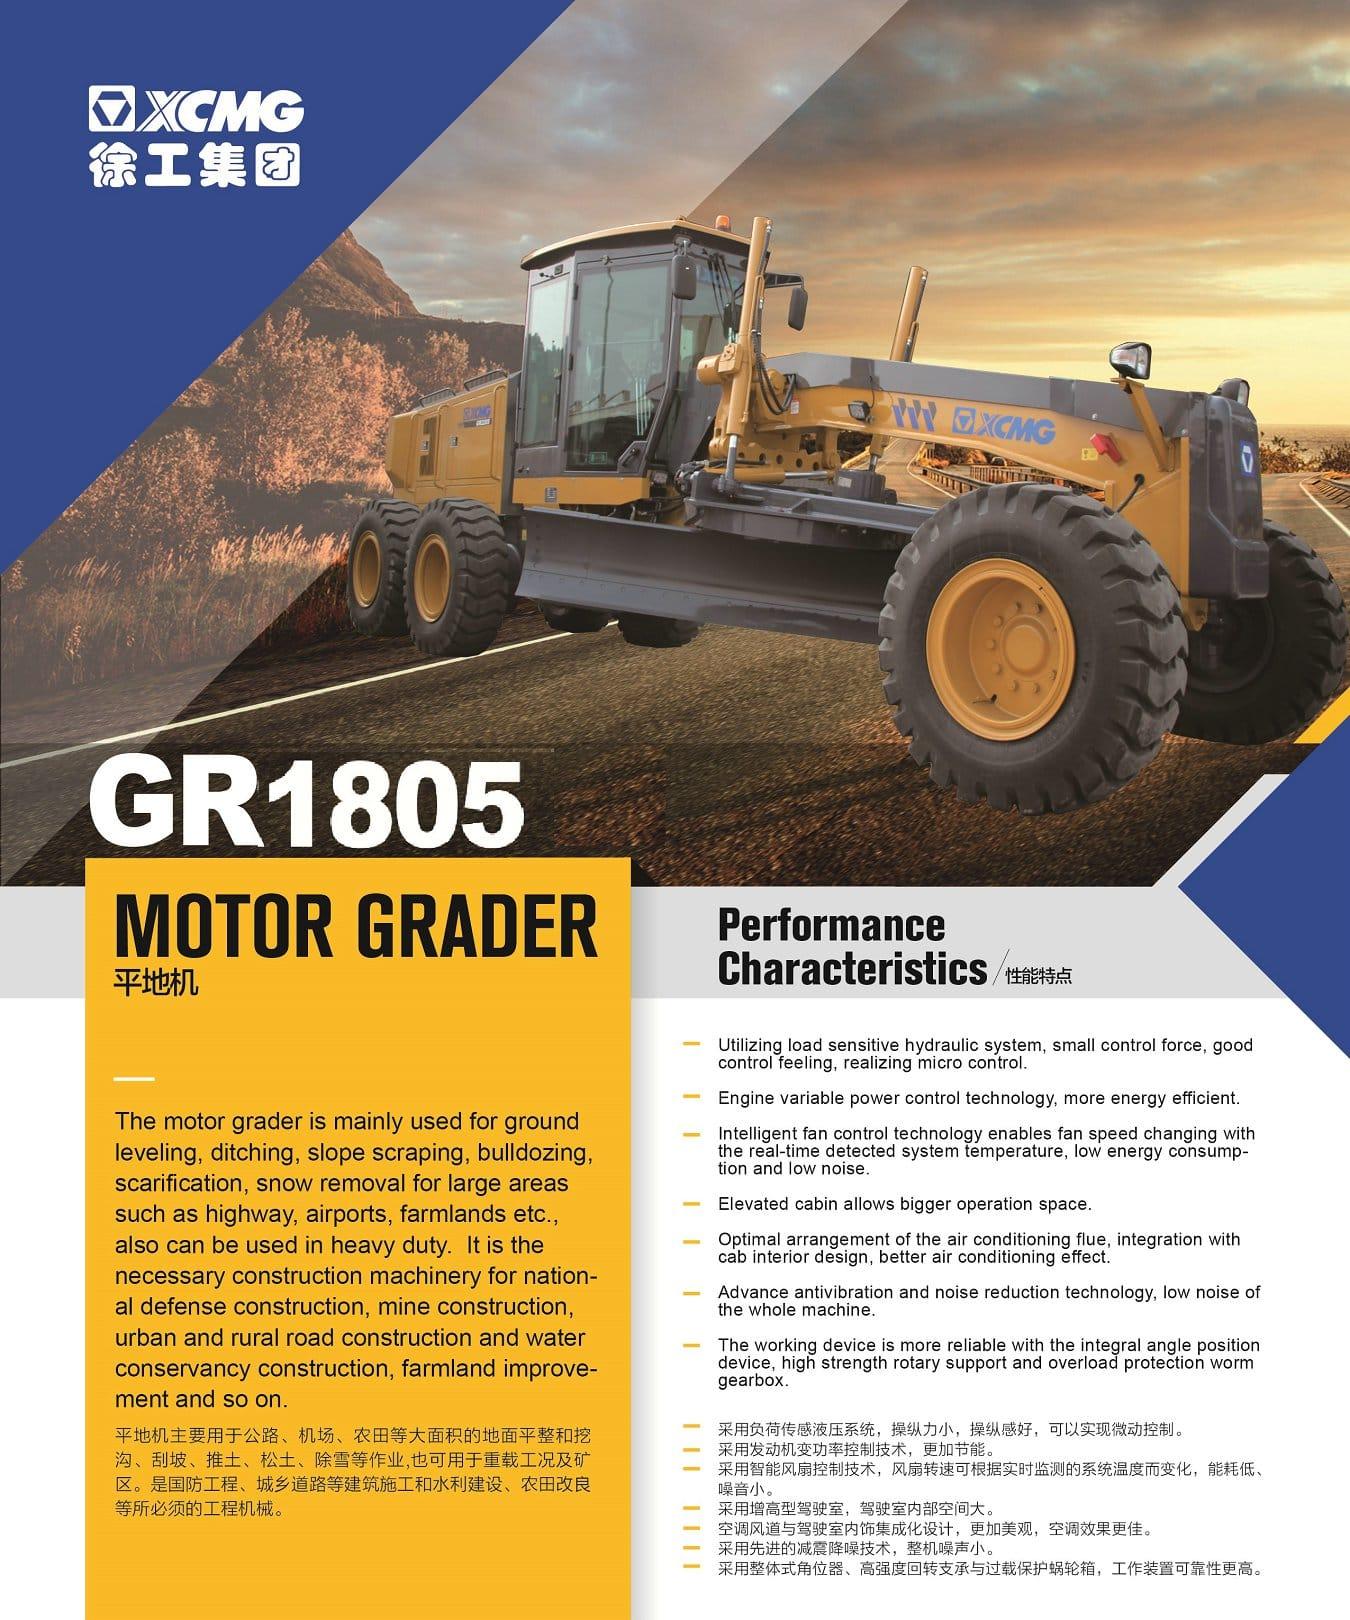 XCMG Official GR1805 Motor Grader for sale